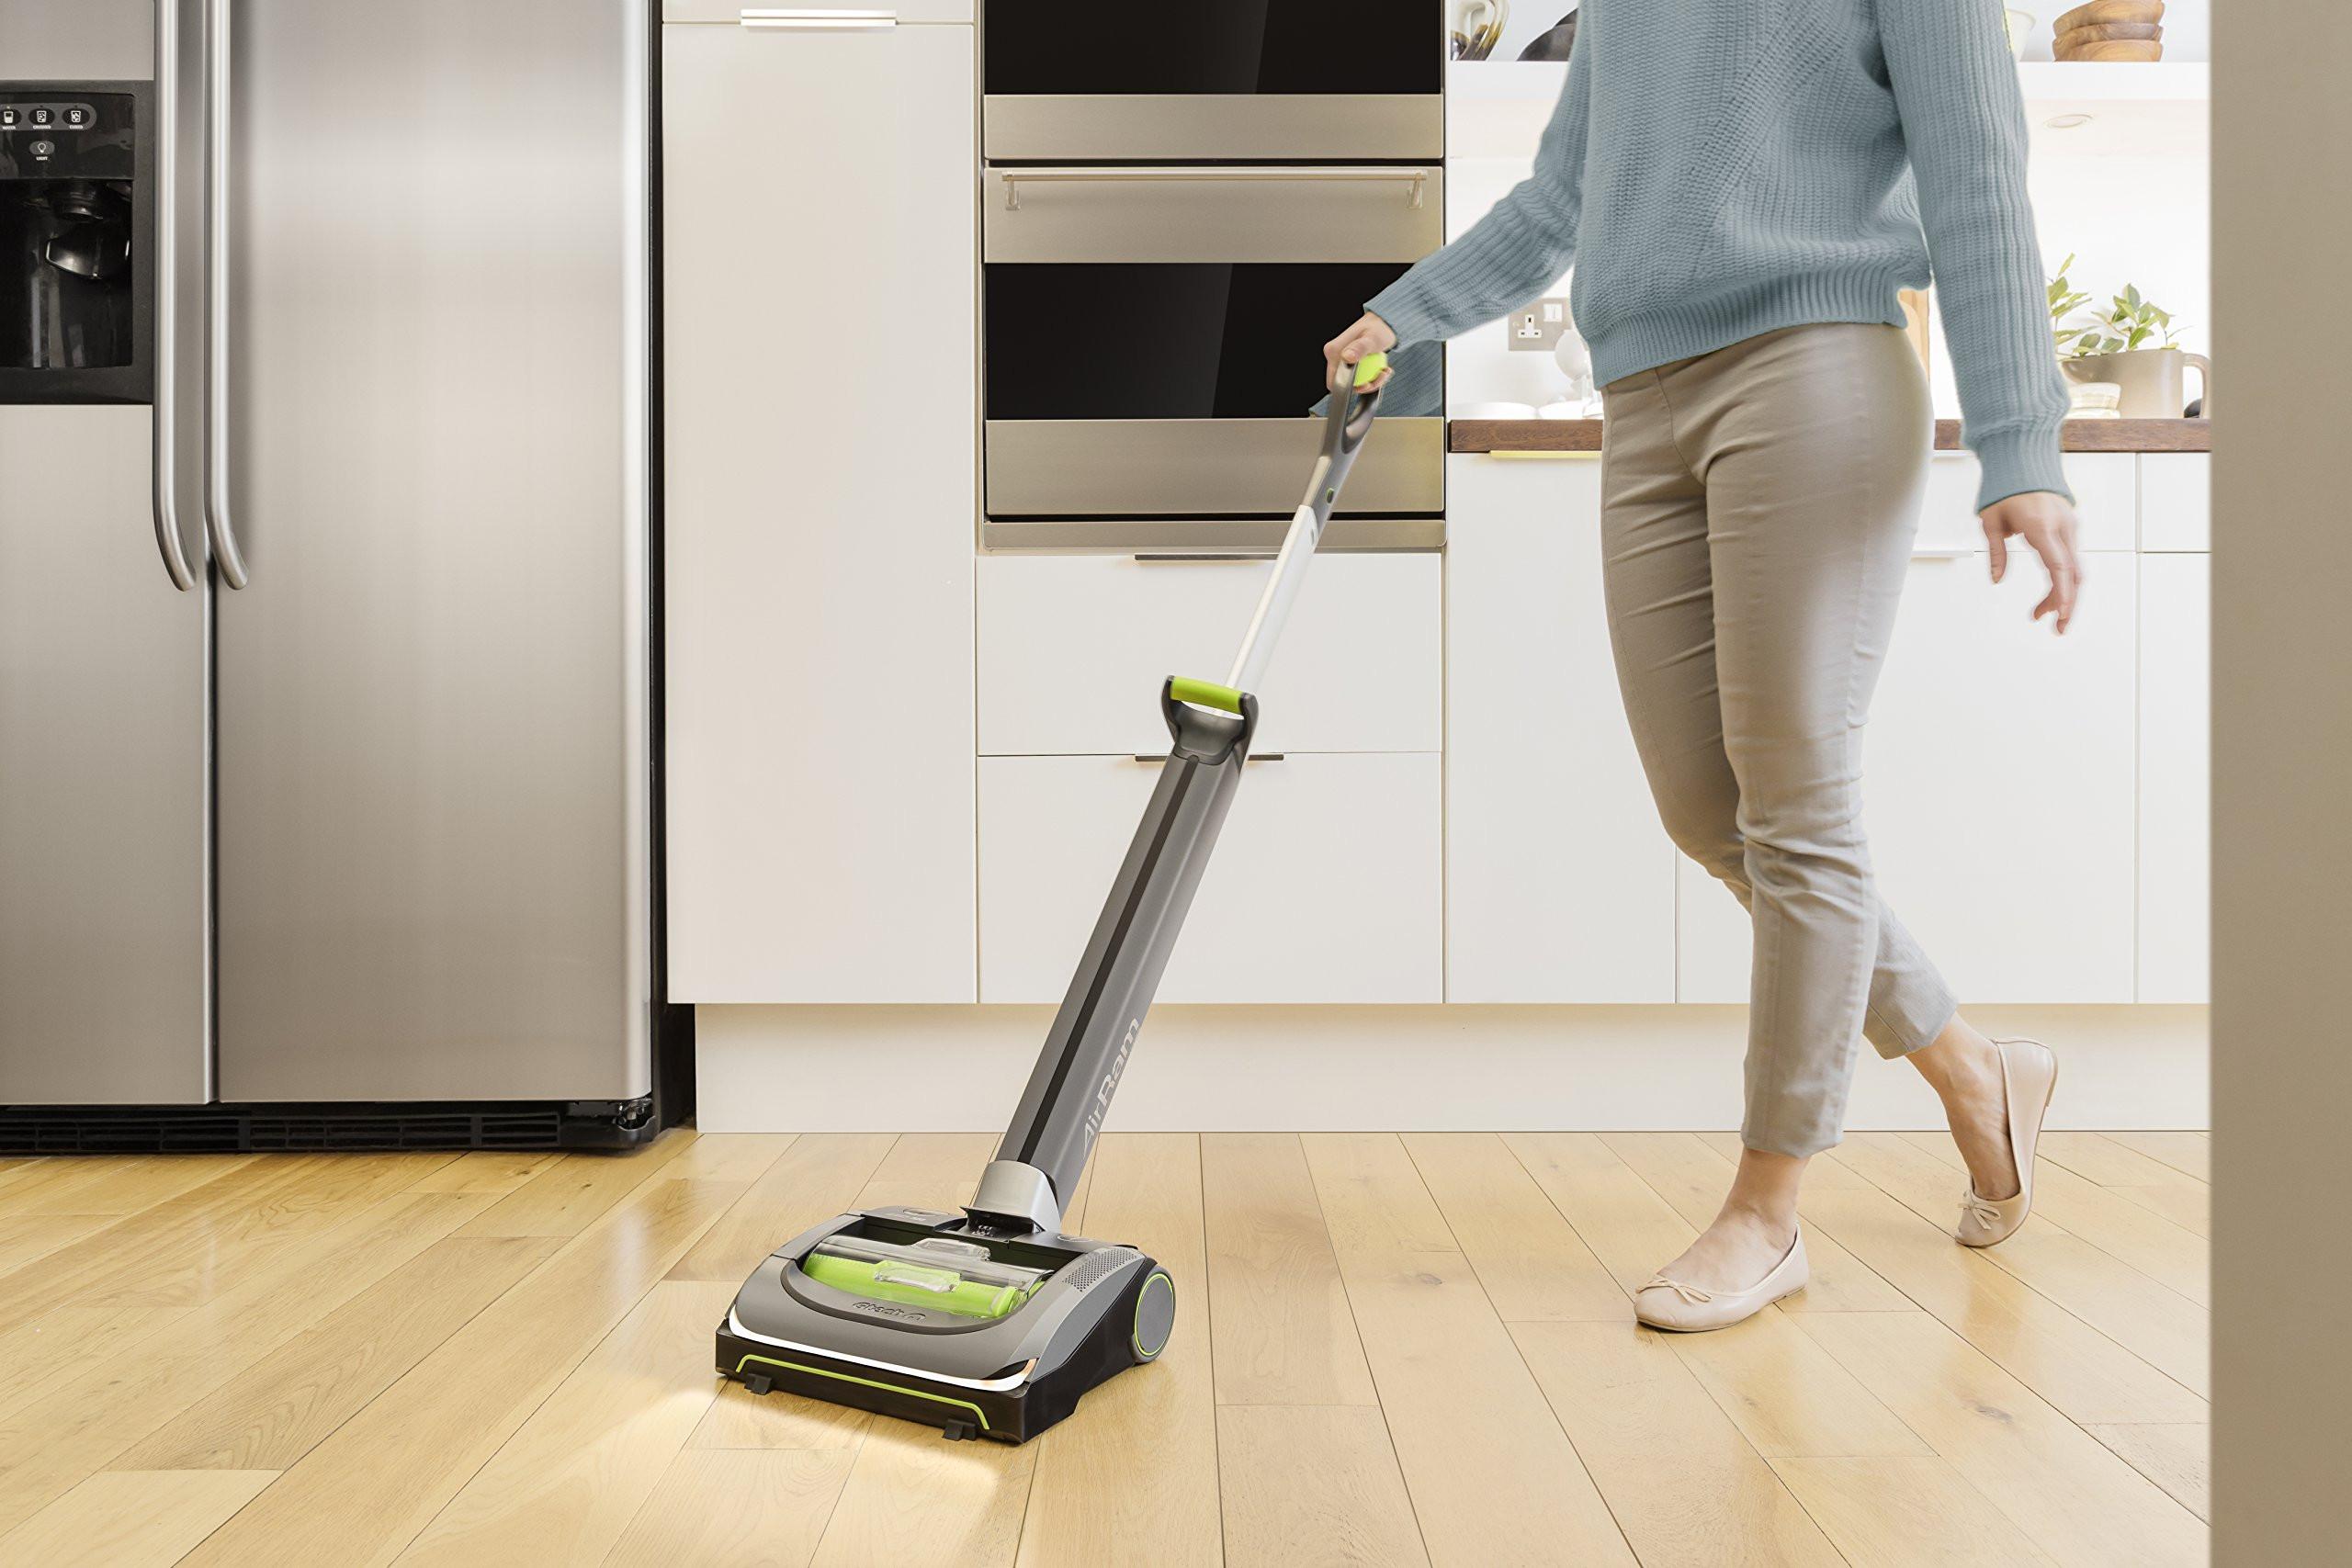 hardwood floor dust vacuum of vacuum and floor care shop amazon uk in vacuum cleaners